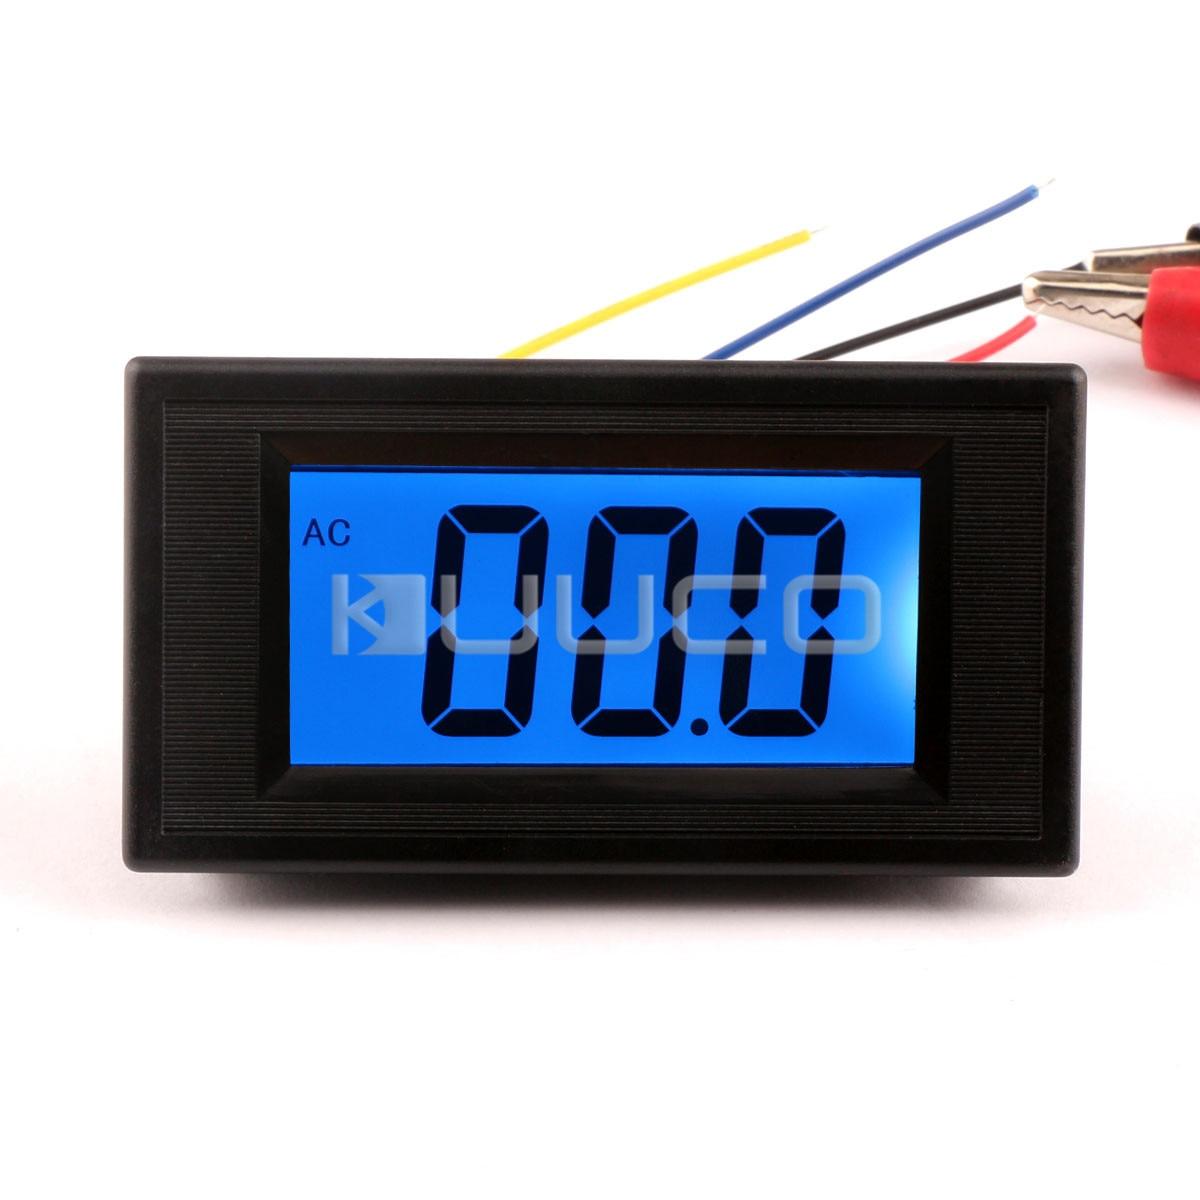 DC 0-600V 50A Voltmeter Amperemeter LCD Panel Amp Digital Volt Gauge meter 12V